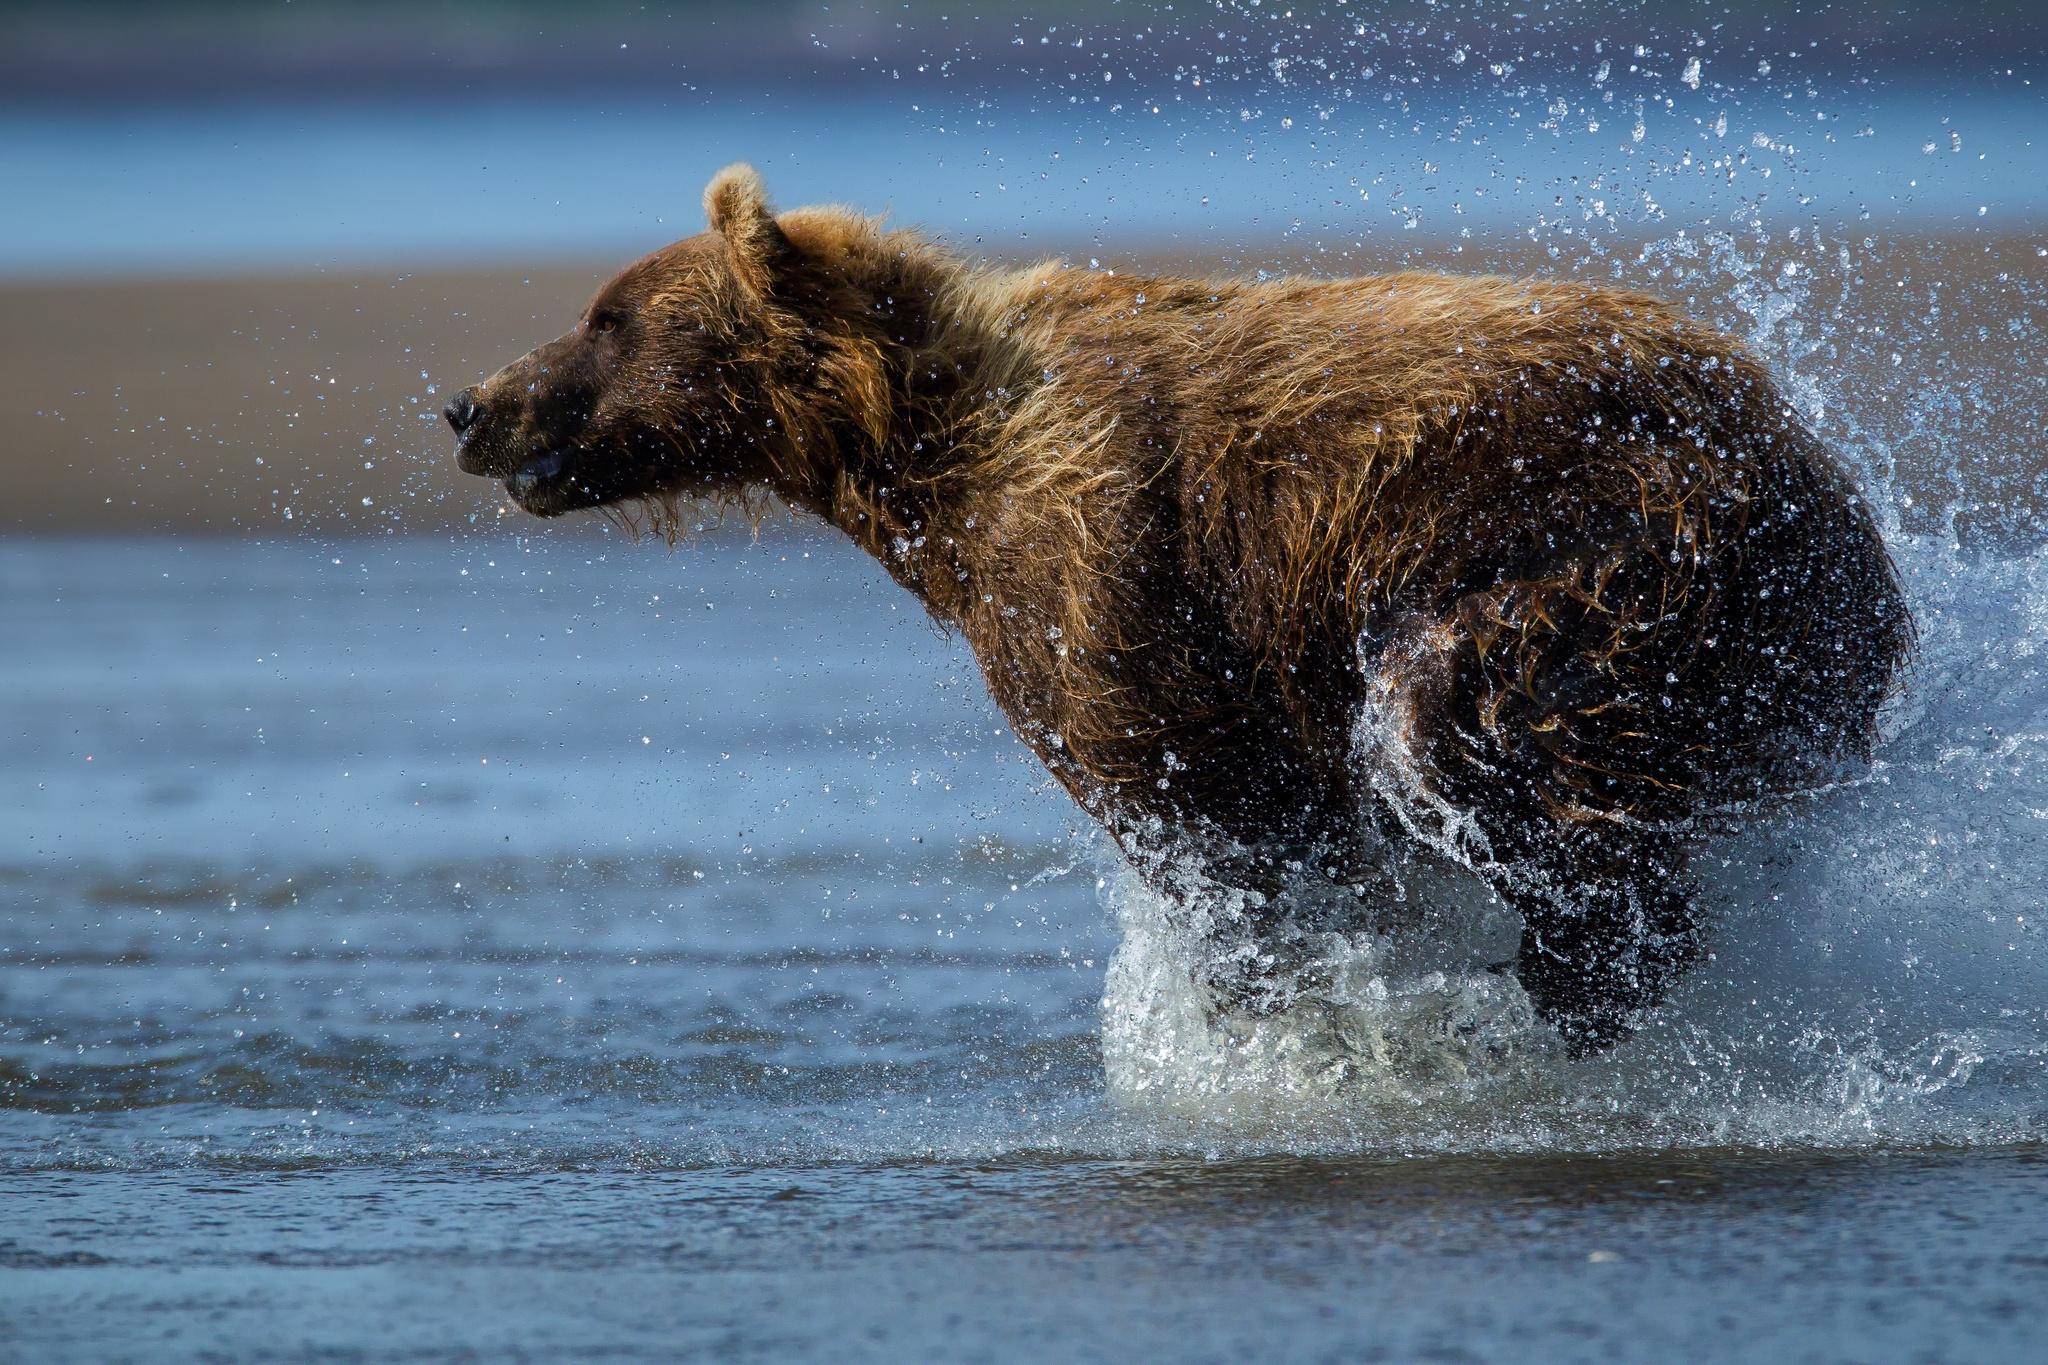 134078 Hintergrundbild herunterladen Tiere, Wasser, Nass, Bär, Weglaufen, Ausführen - Bildschirmschoner und Bilder kostenlos